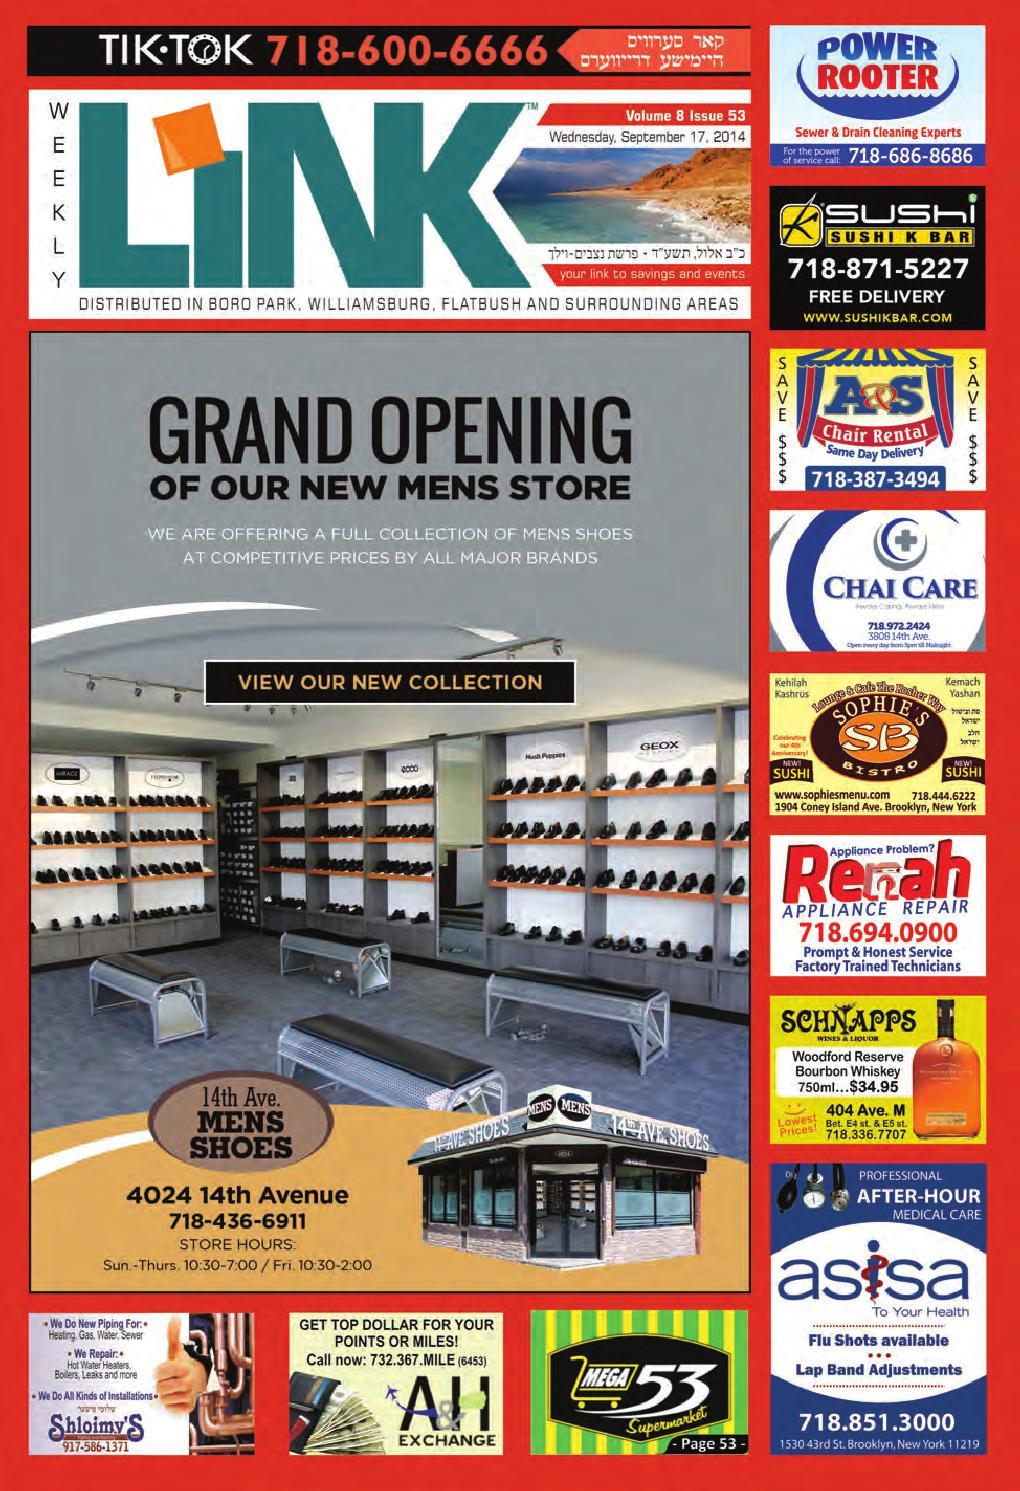 b5112a7d71dd Vol 8 Issue 53 by Weekly Link - issuu